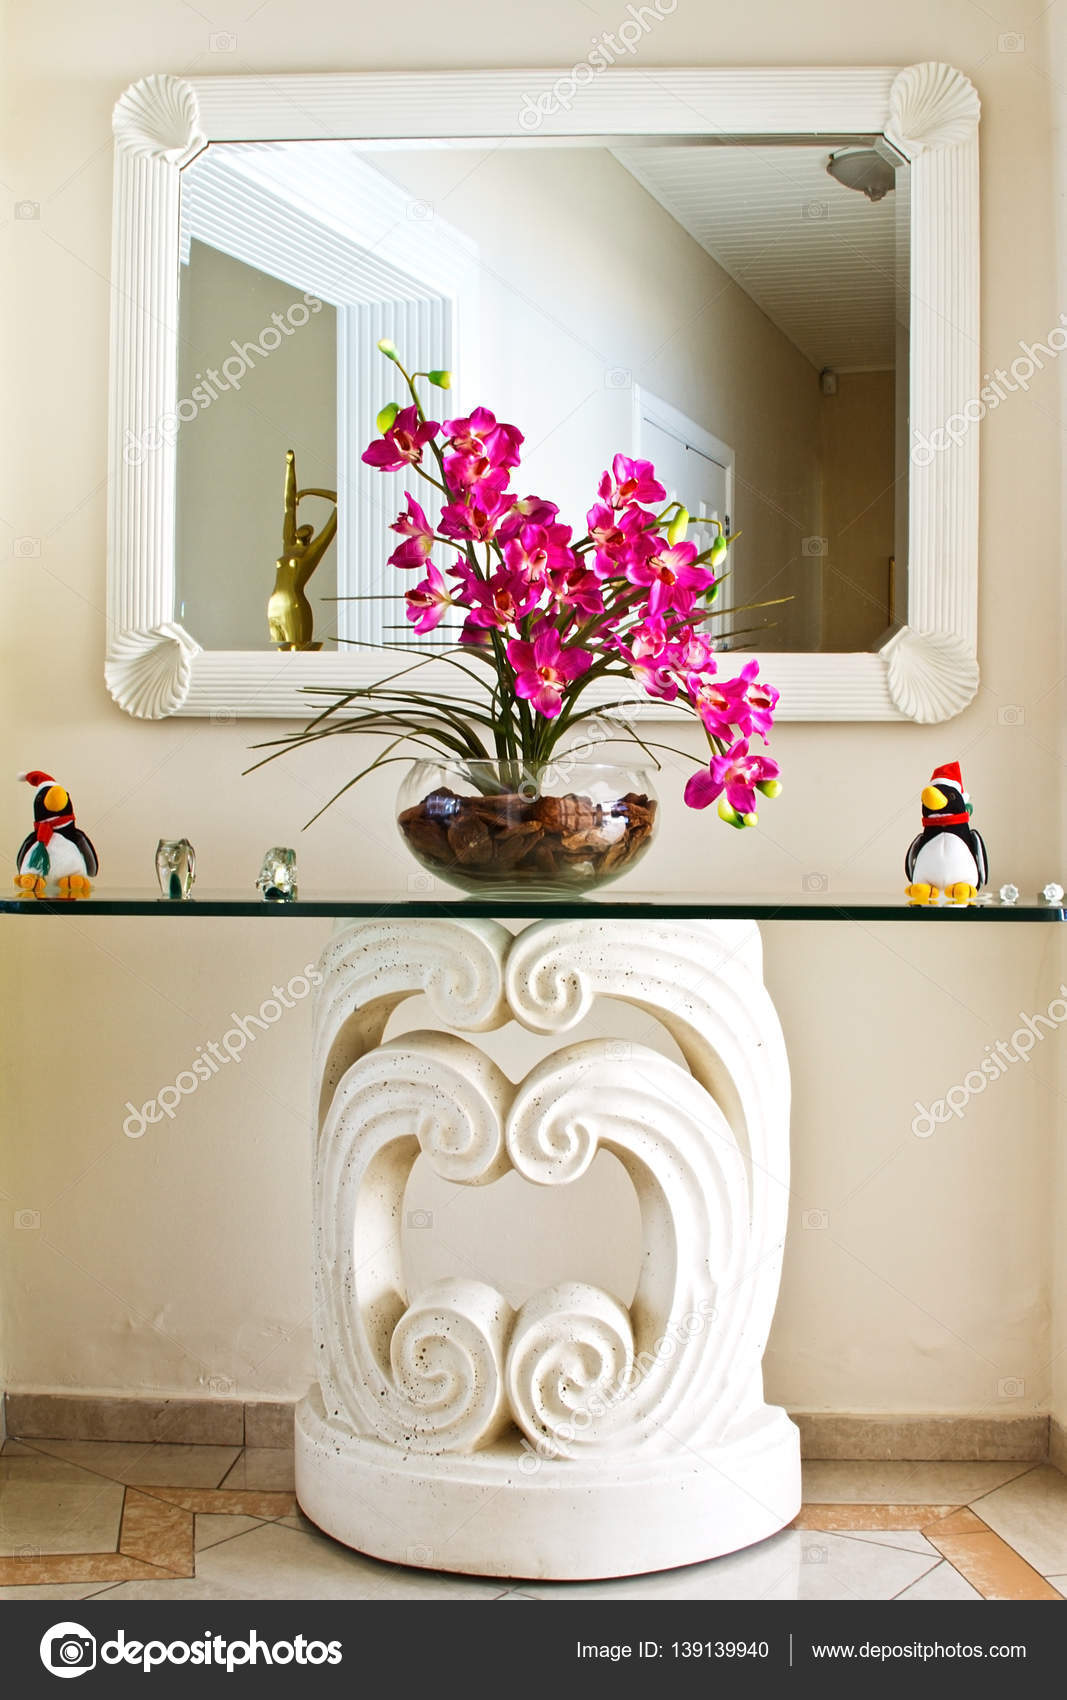 Wohnzimmer Spiegel Dekoration Interieur U2014 Stockfoto